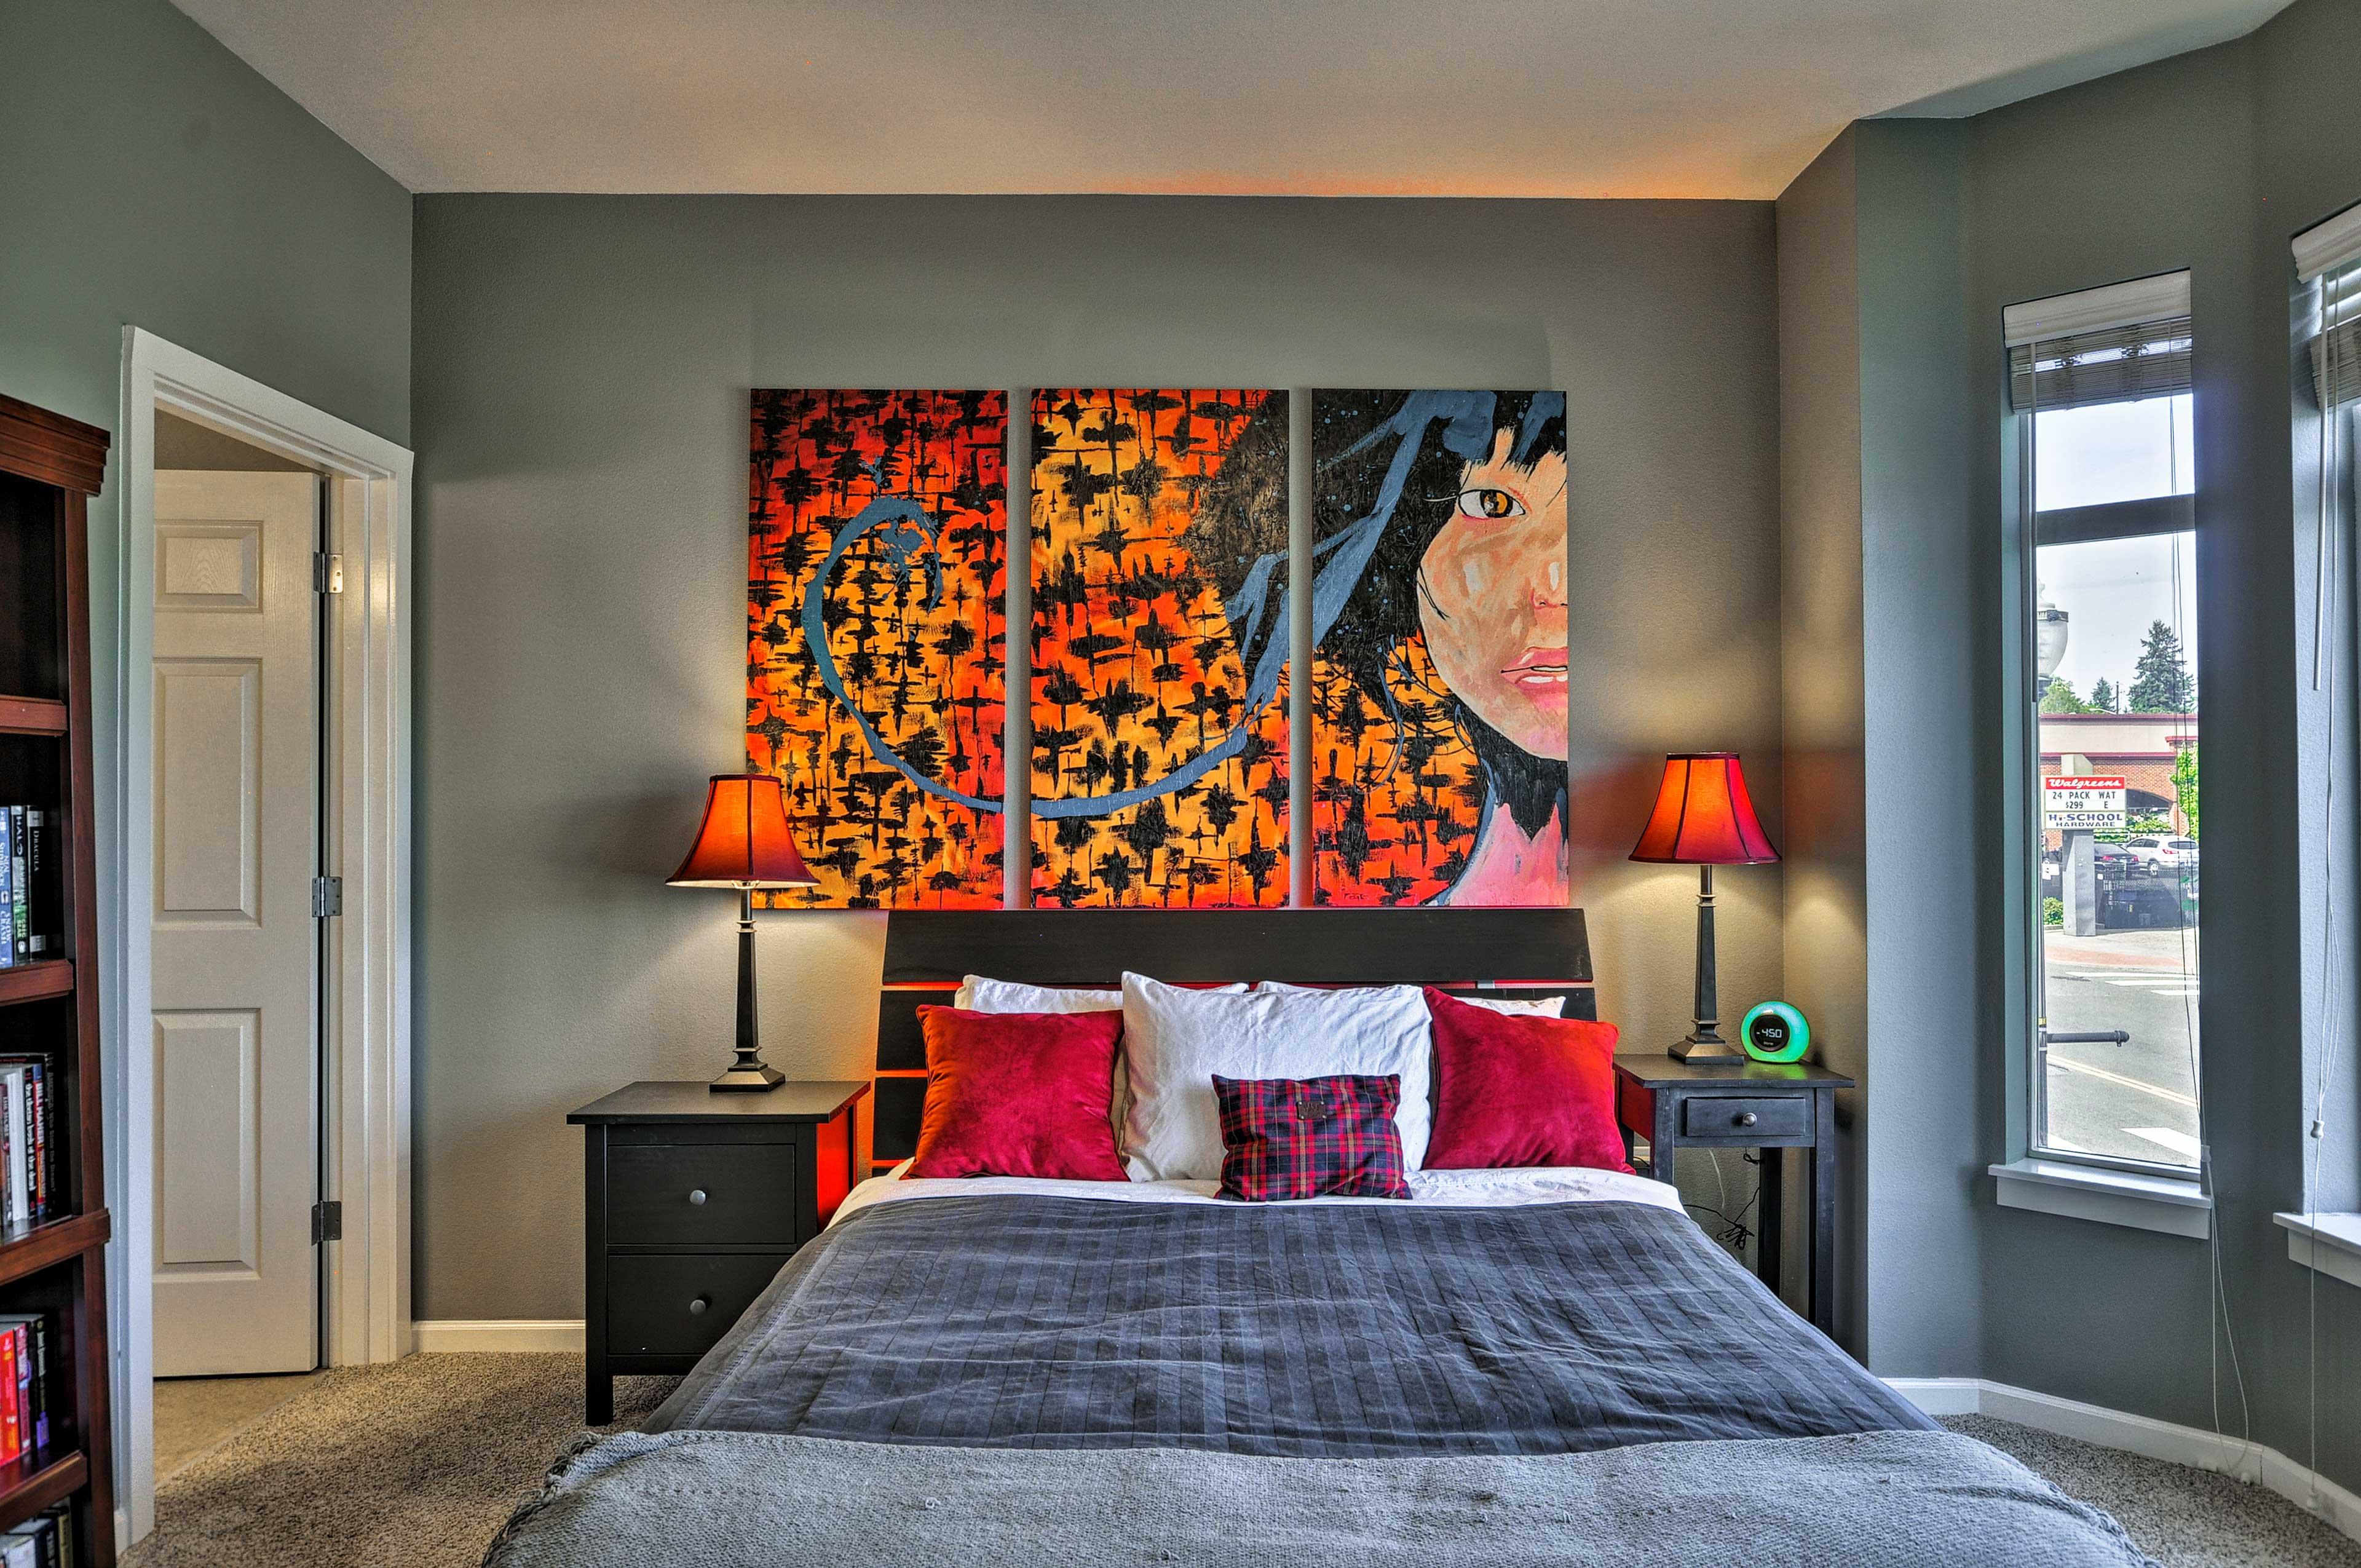 Contemporary art adorns the room.